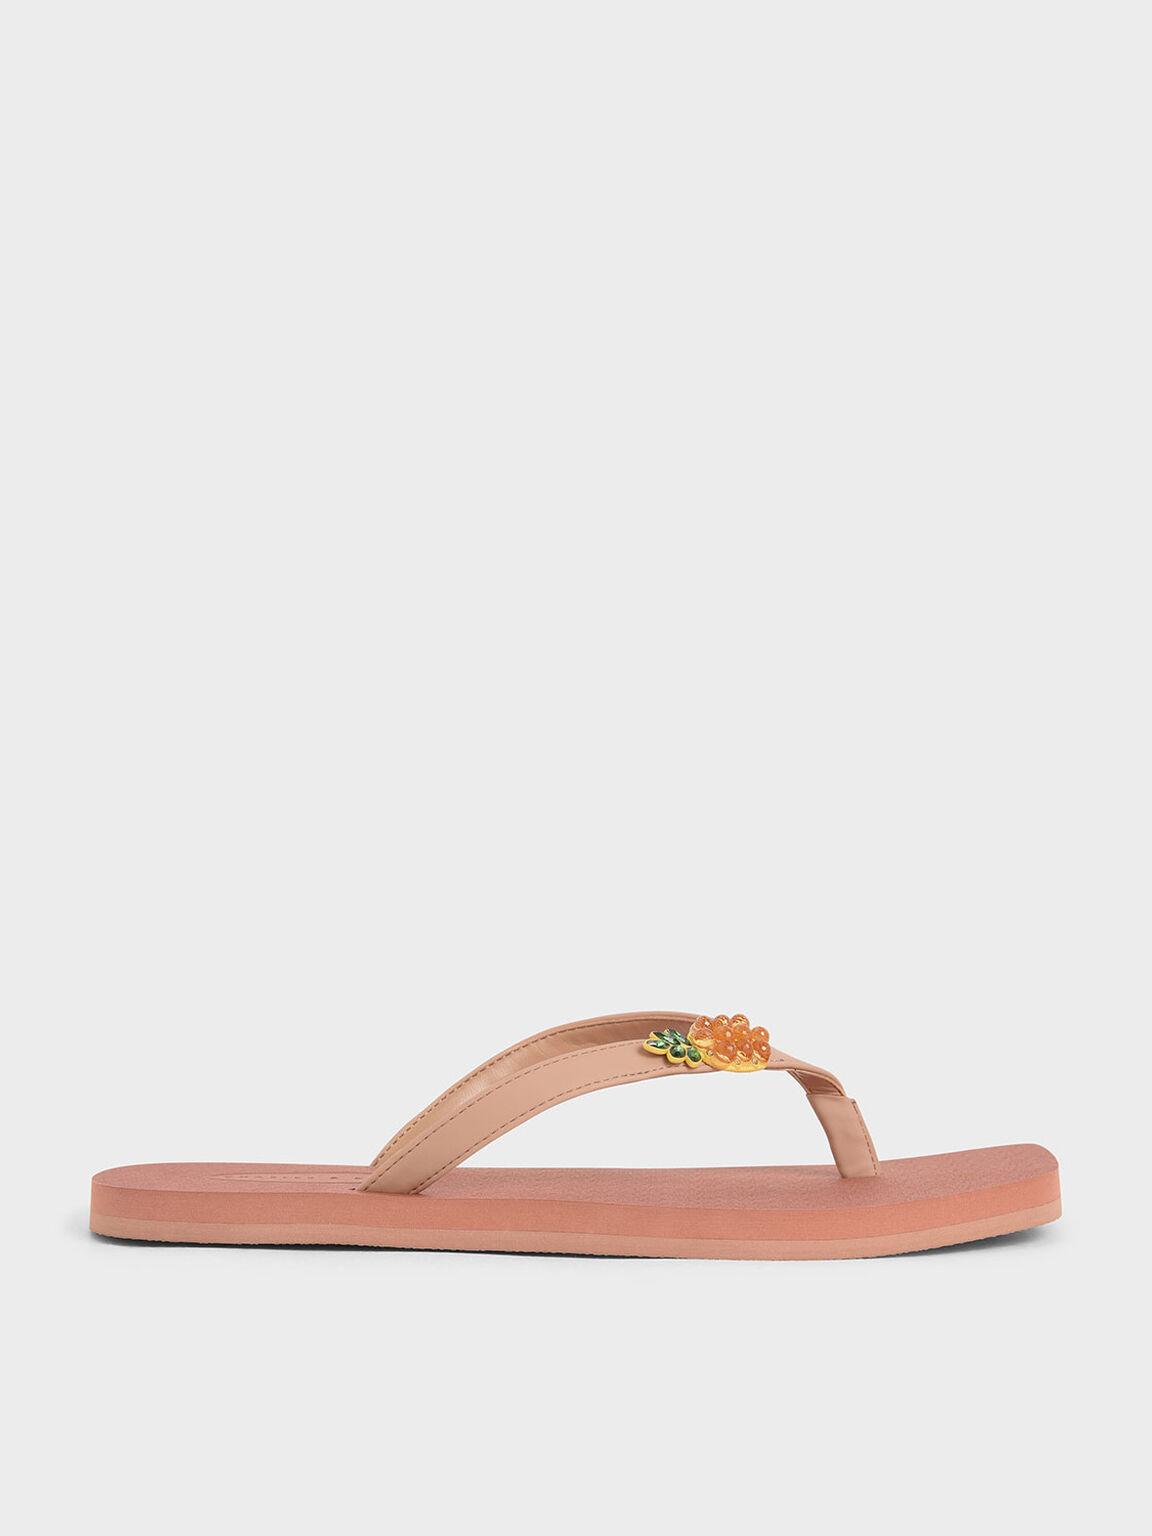 Embellished Thong Sandals, Nude, hi-res